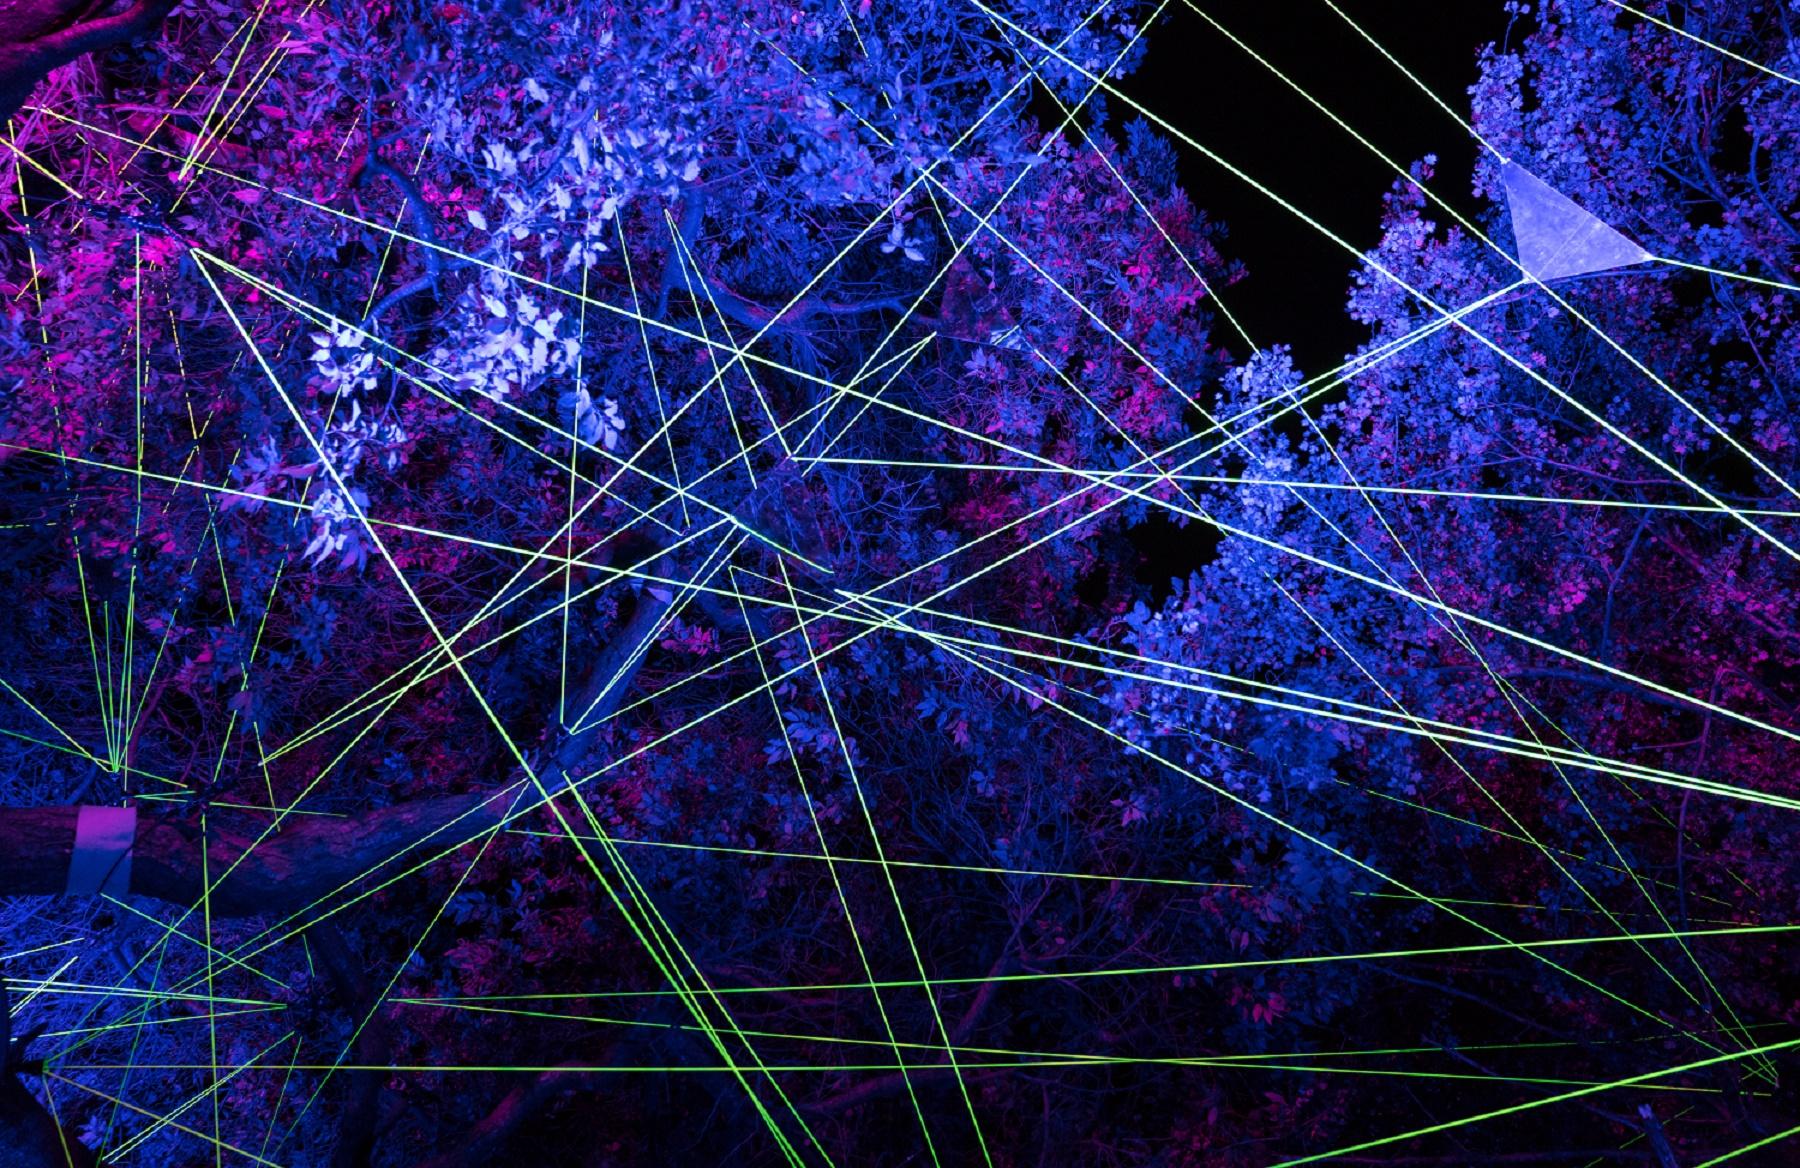 Vom 15. bis 31. Oktober Lichtkunstfestival Enchanted Gardens in den Schlossgärten Arcen